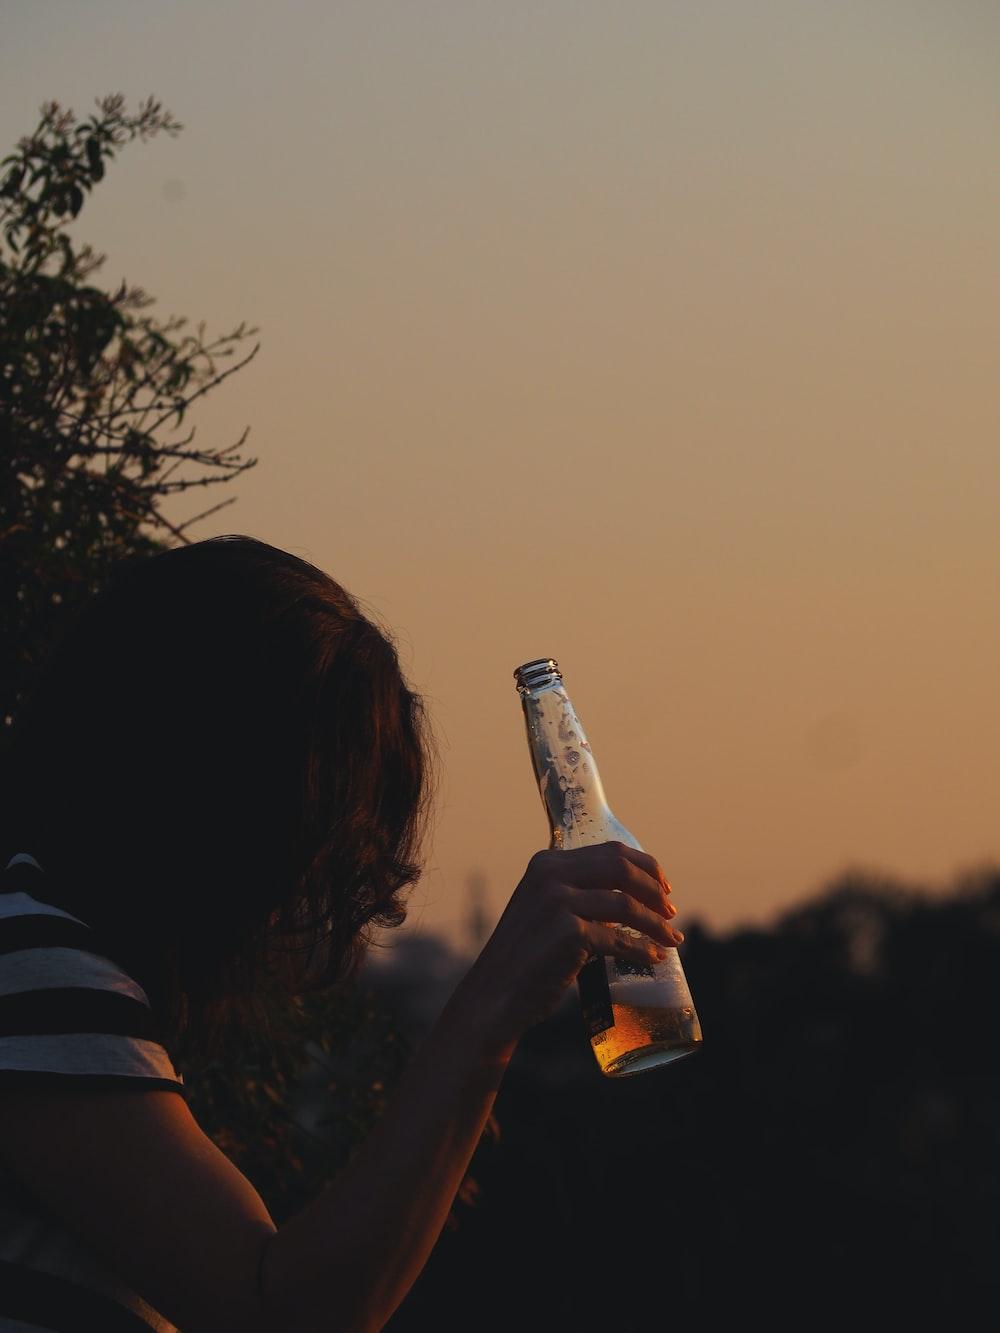 woman holding bottle near bush